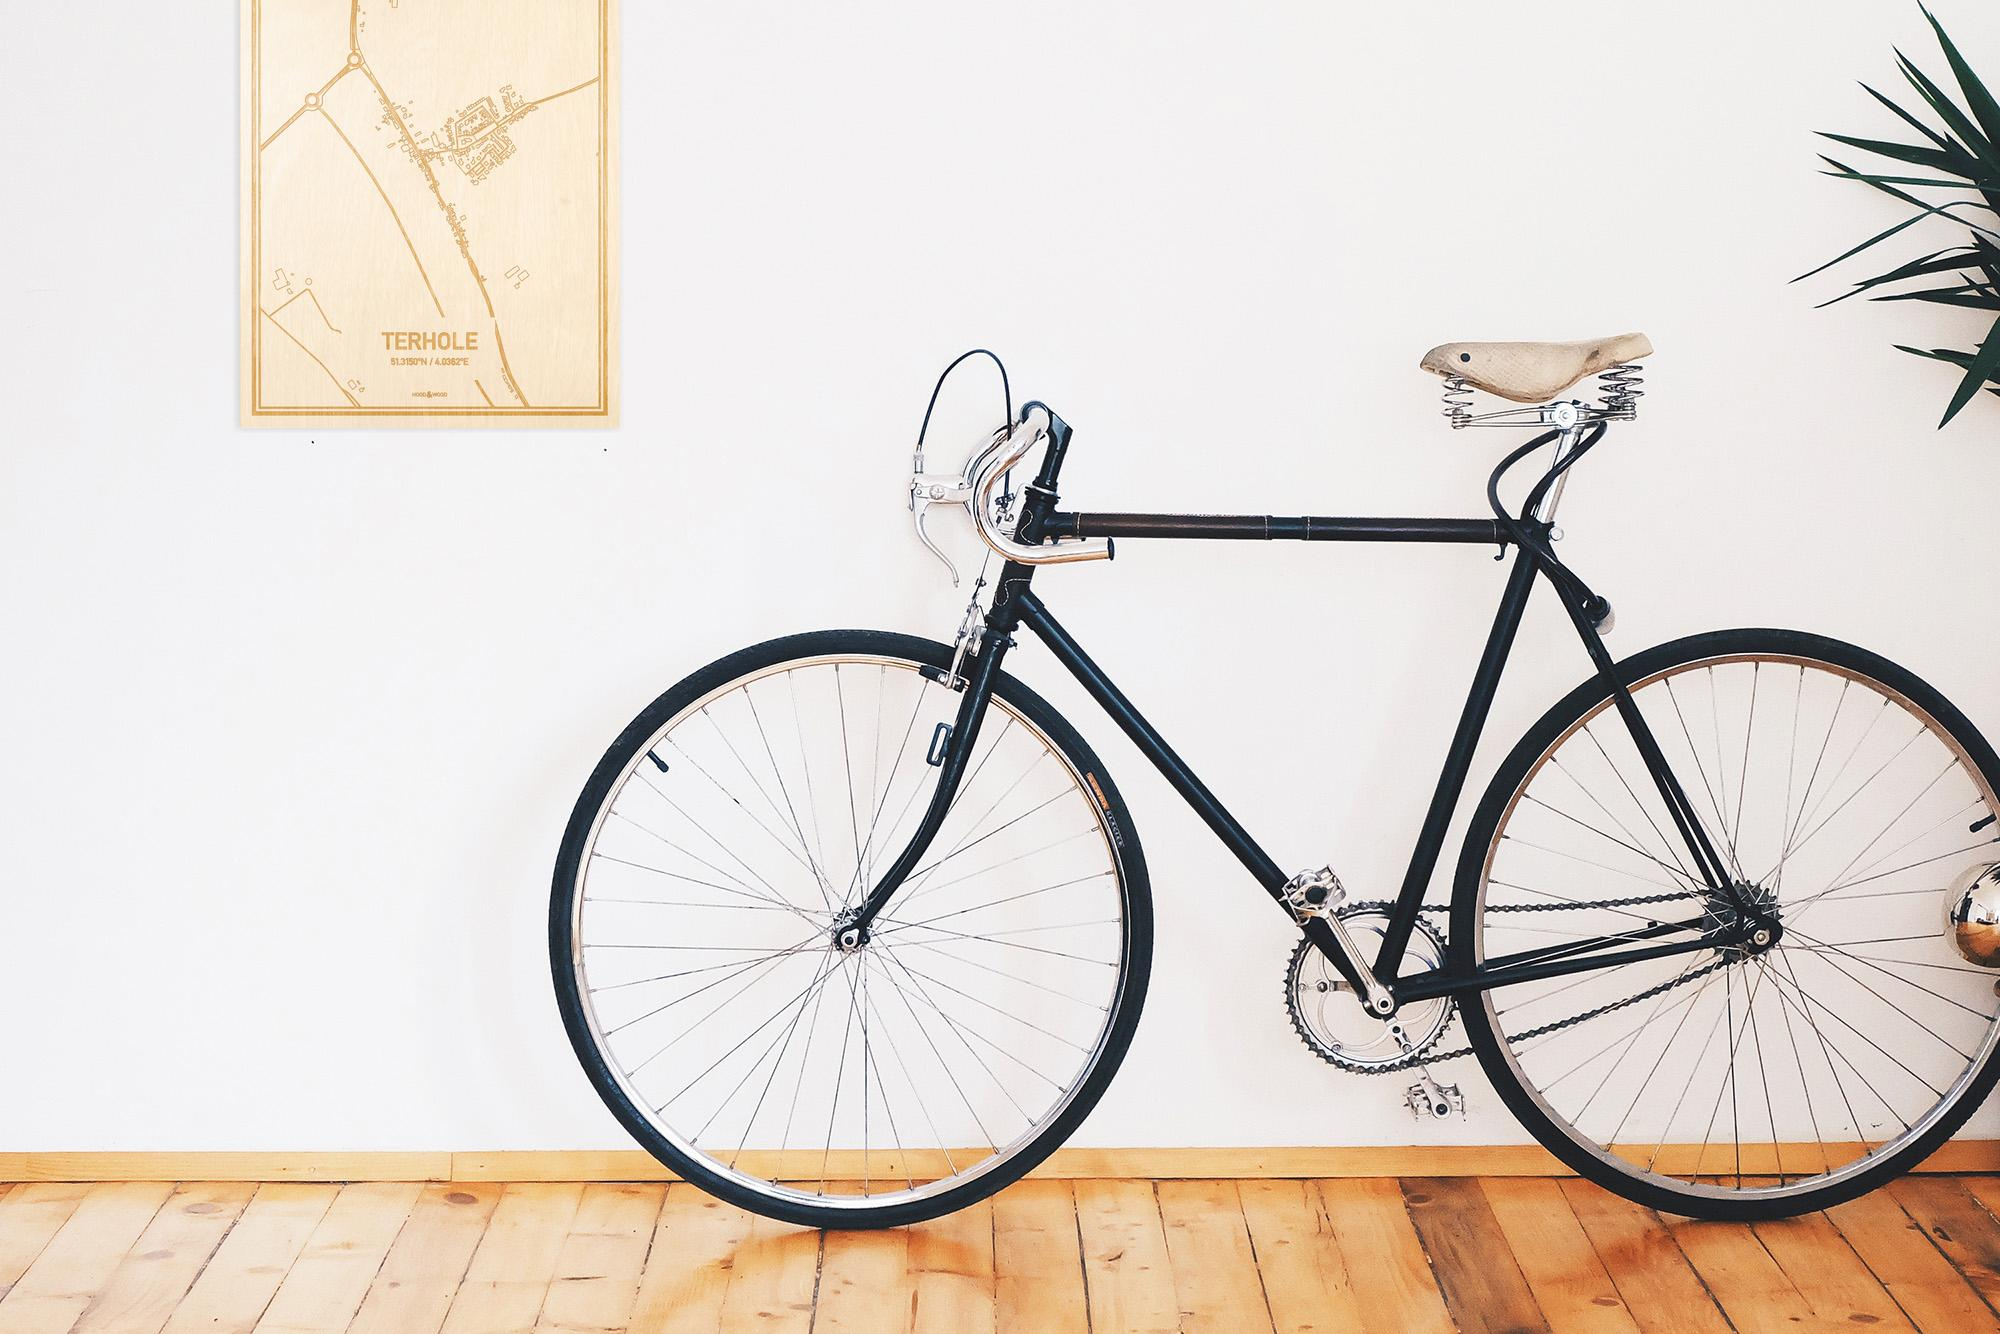 Een snelle fiets in een uniek interieur in Zeeland met mooie decoratie zoals de plattegrond Terhole.